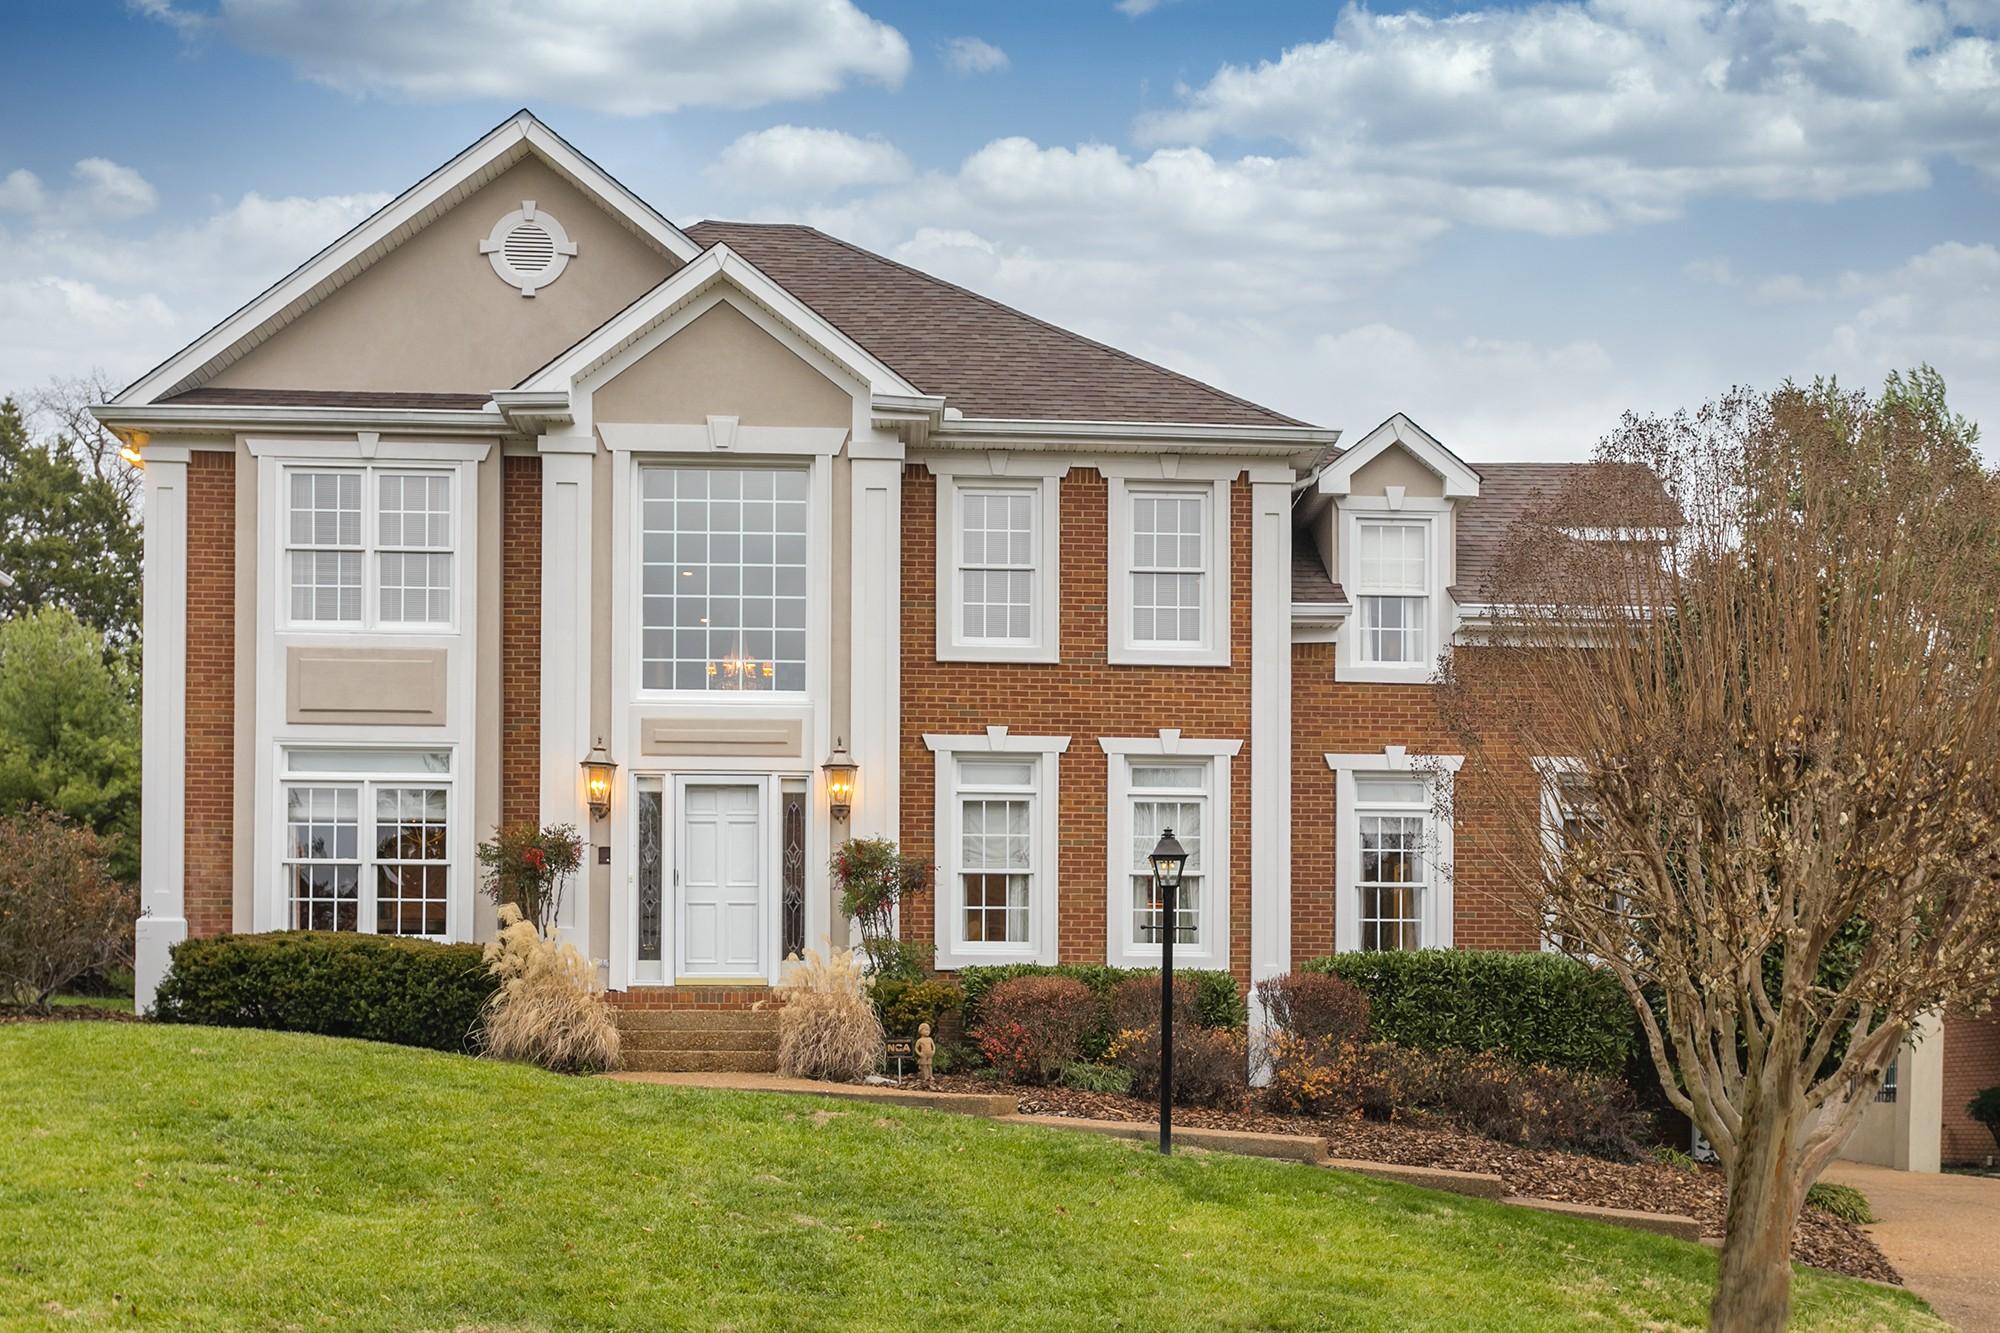 118 Doral Lane, Hendersonville, TN 37075 - Hendersonville, TN real estate listing